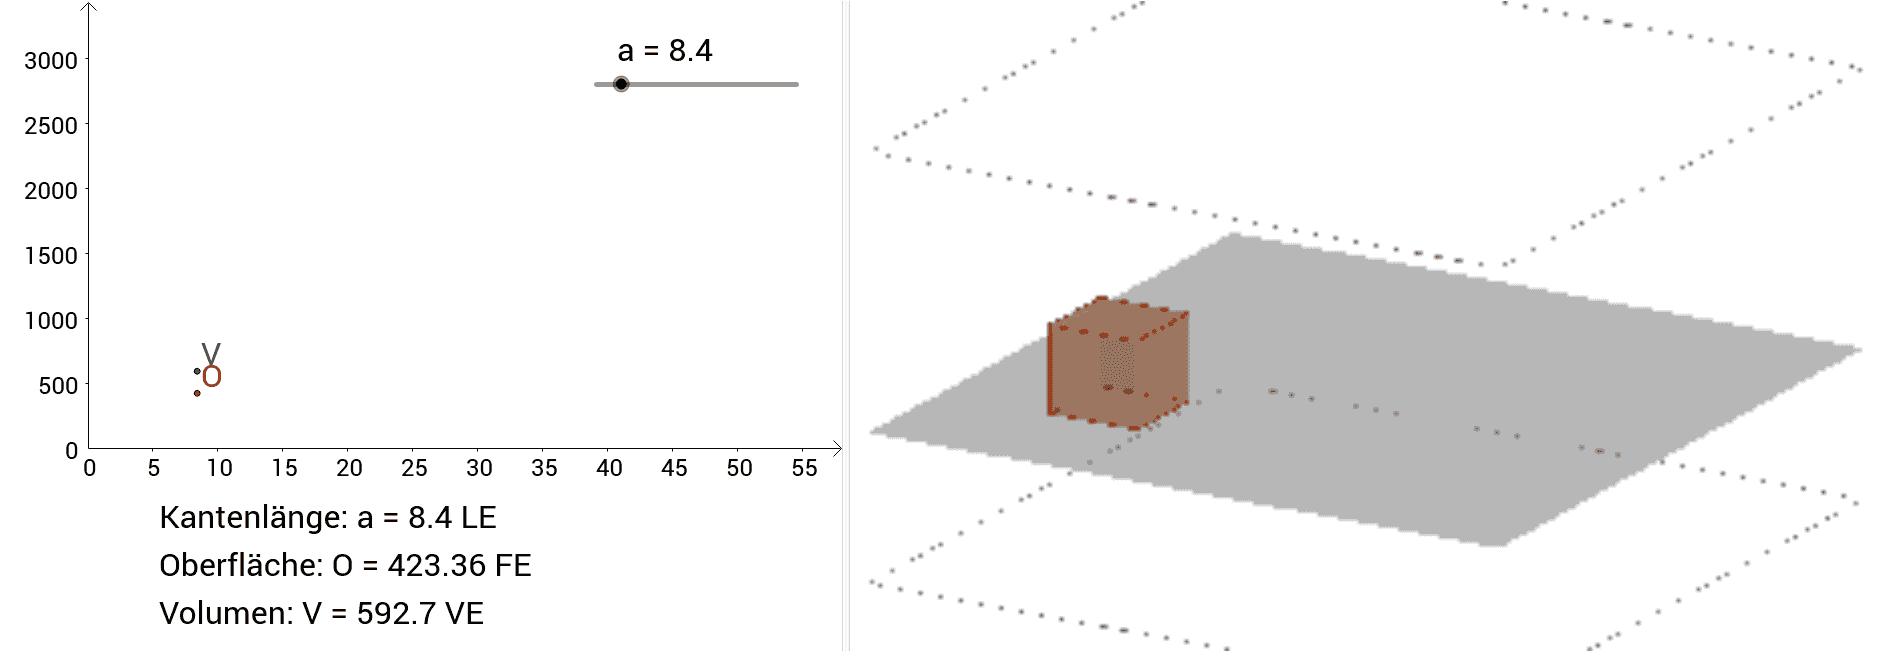 oberfläche und volumen eines würfels - geogebra